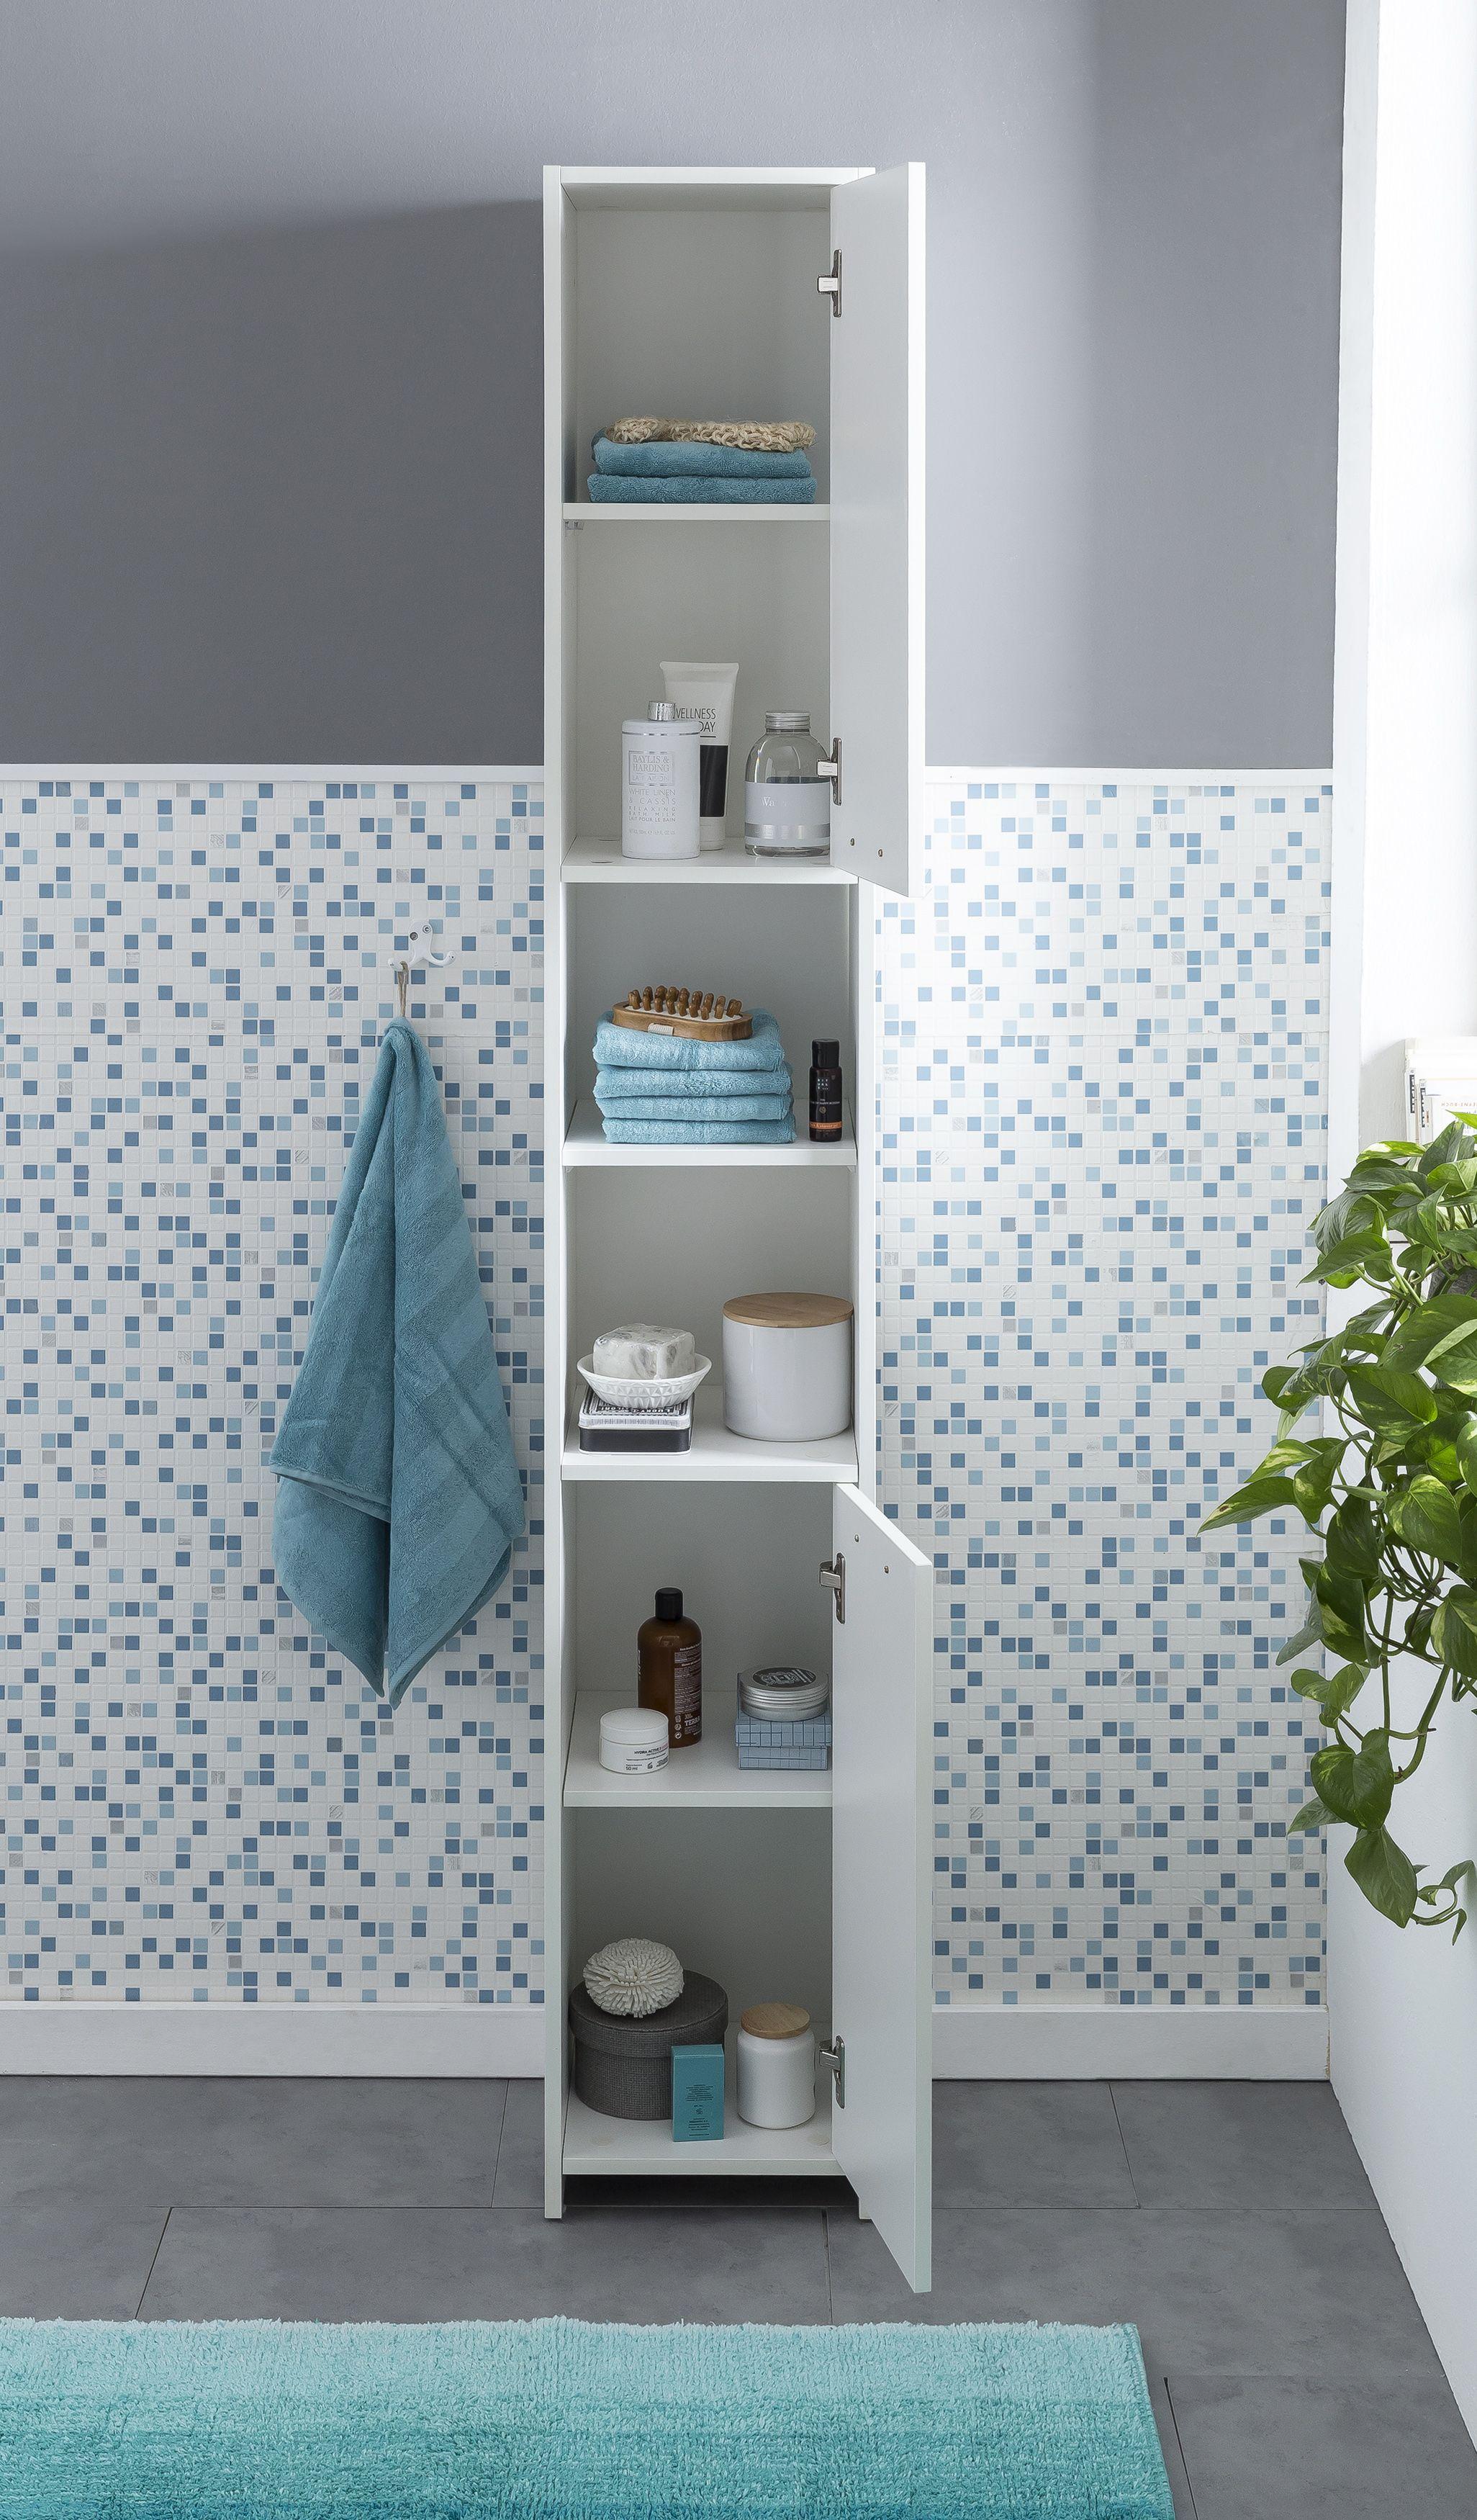 Wohnling Badschrank In Weiss Wl5 751 Aus Spanplatte Bathroom Cabinet Badezimmer Regal Regal Bad Regal Holz